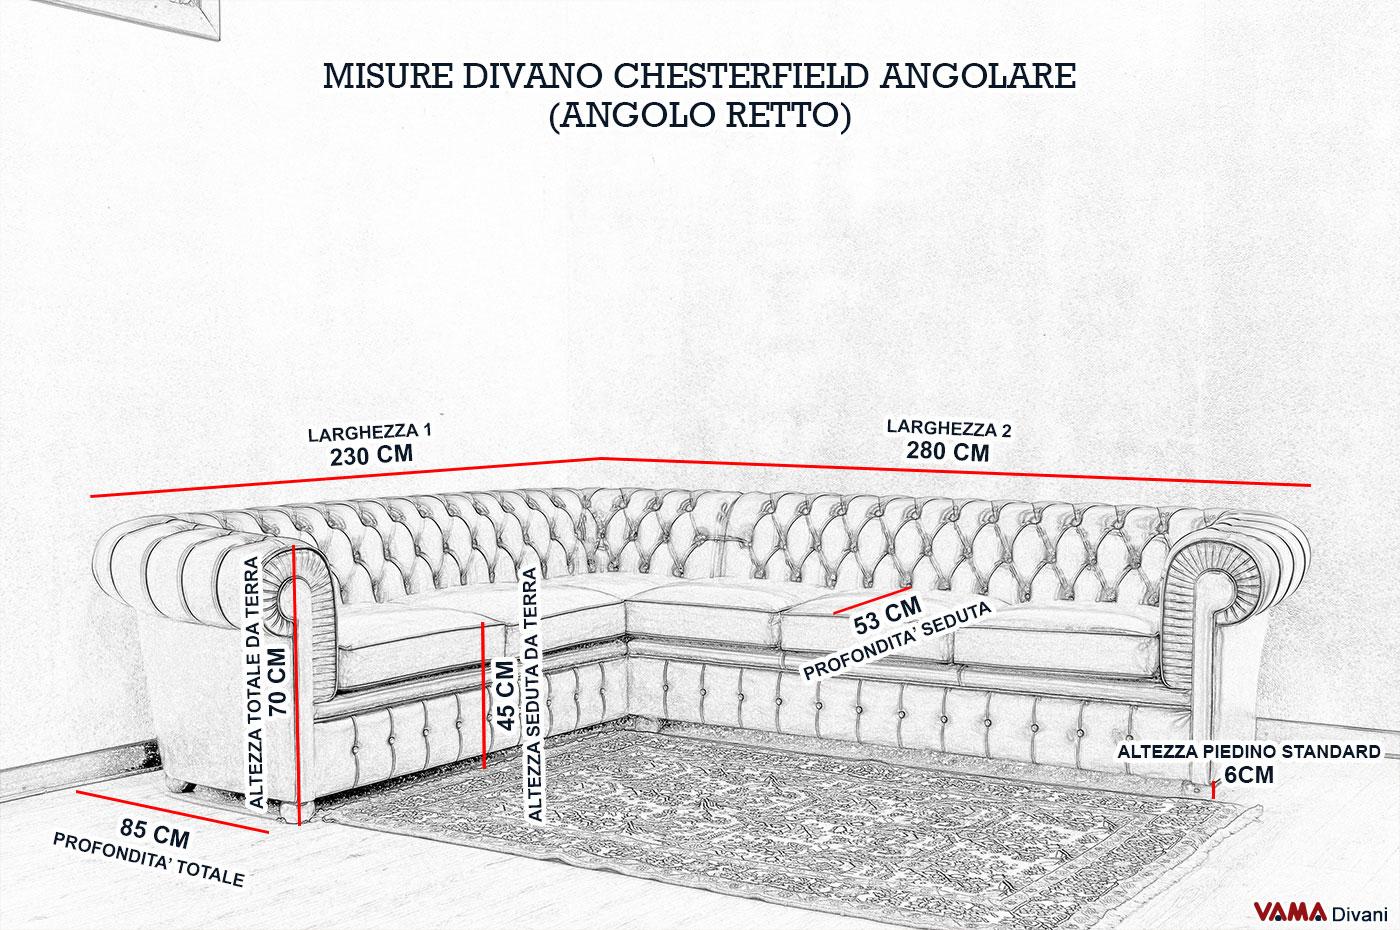 Divano chesterfield angolare prezzi e misura - Misure standard divano ...